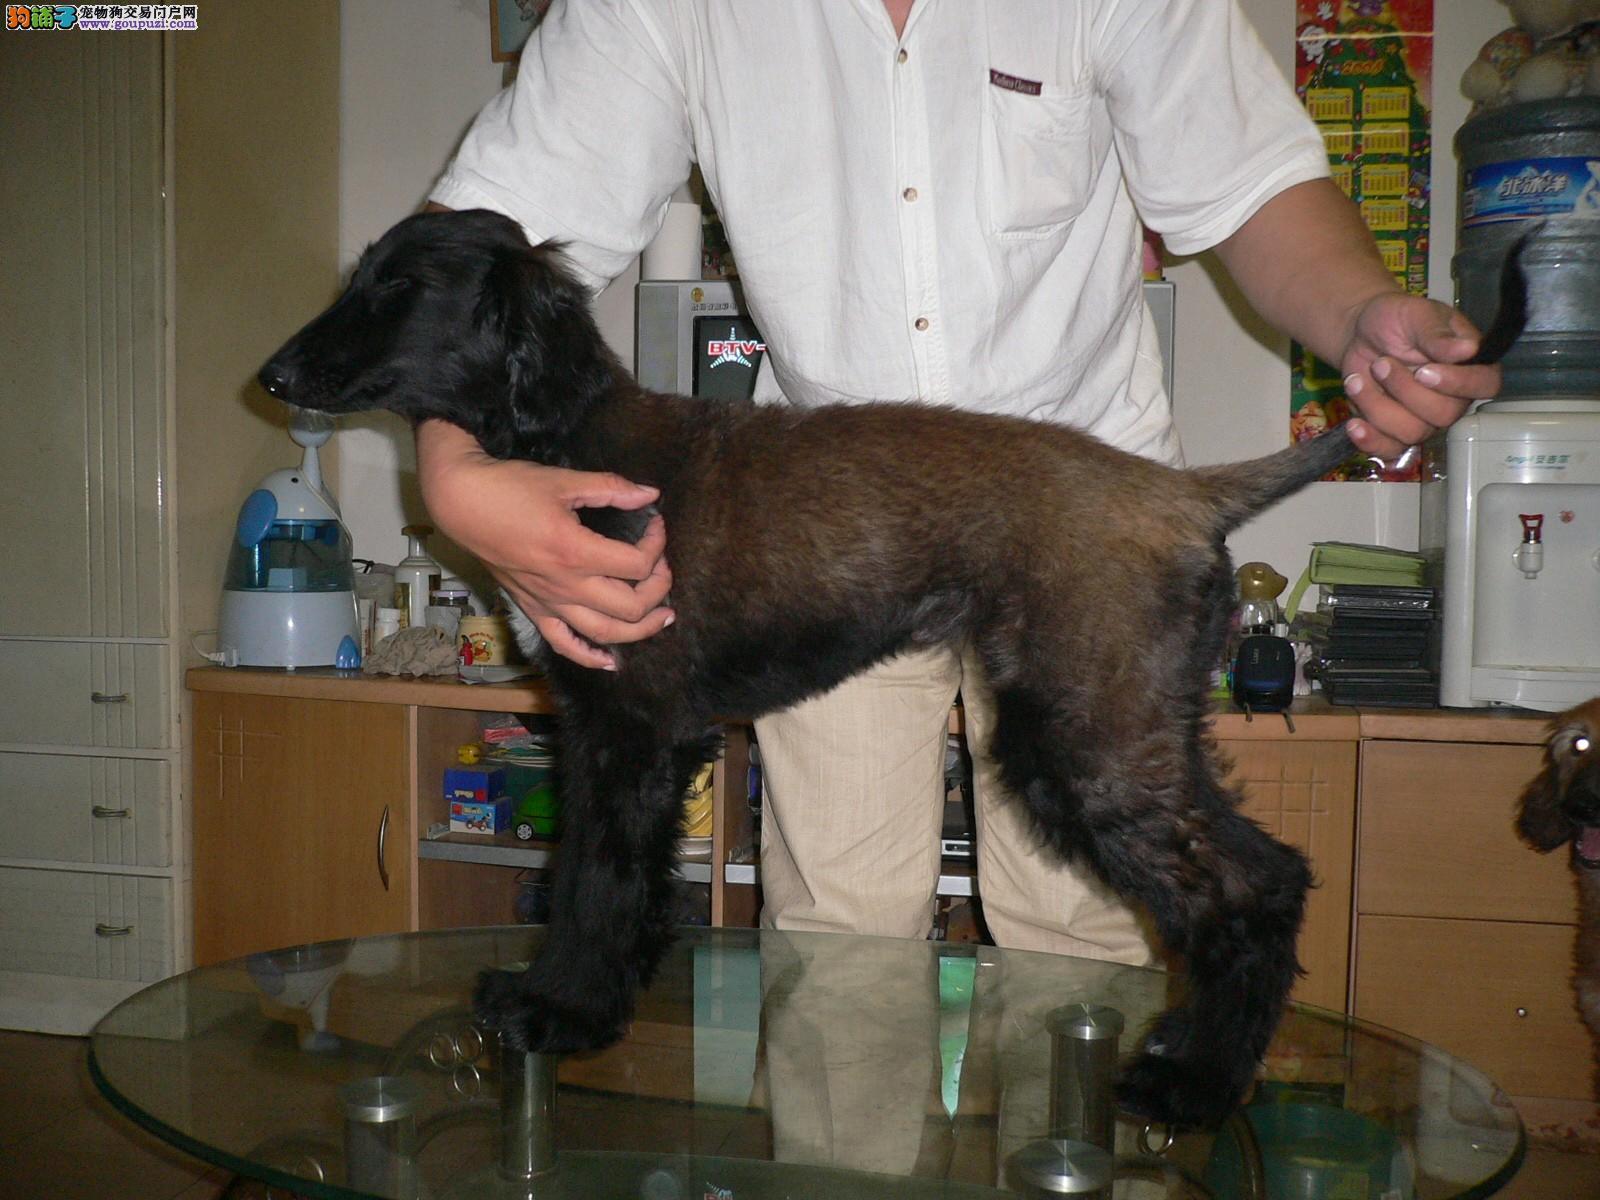 阿富汗猎犬南京最大的正规犬舍完美售后终身质保终身护养指导